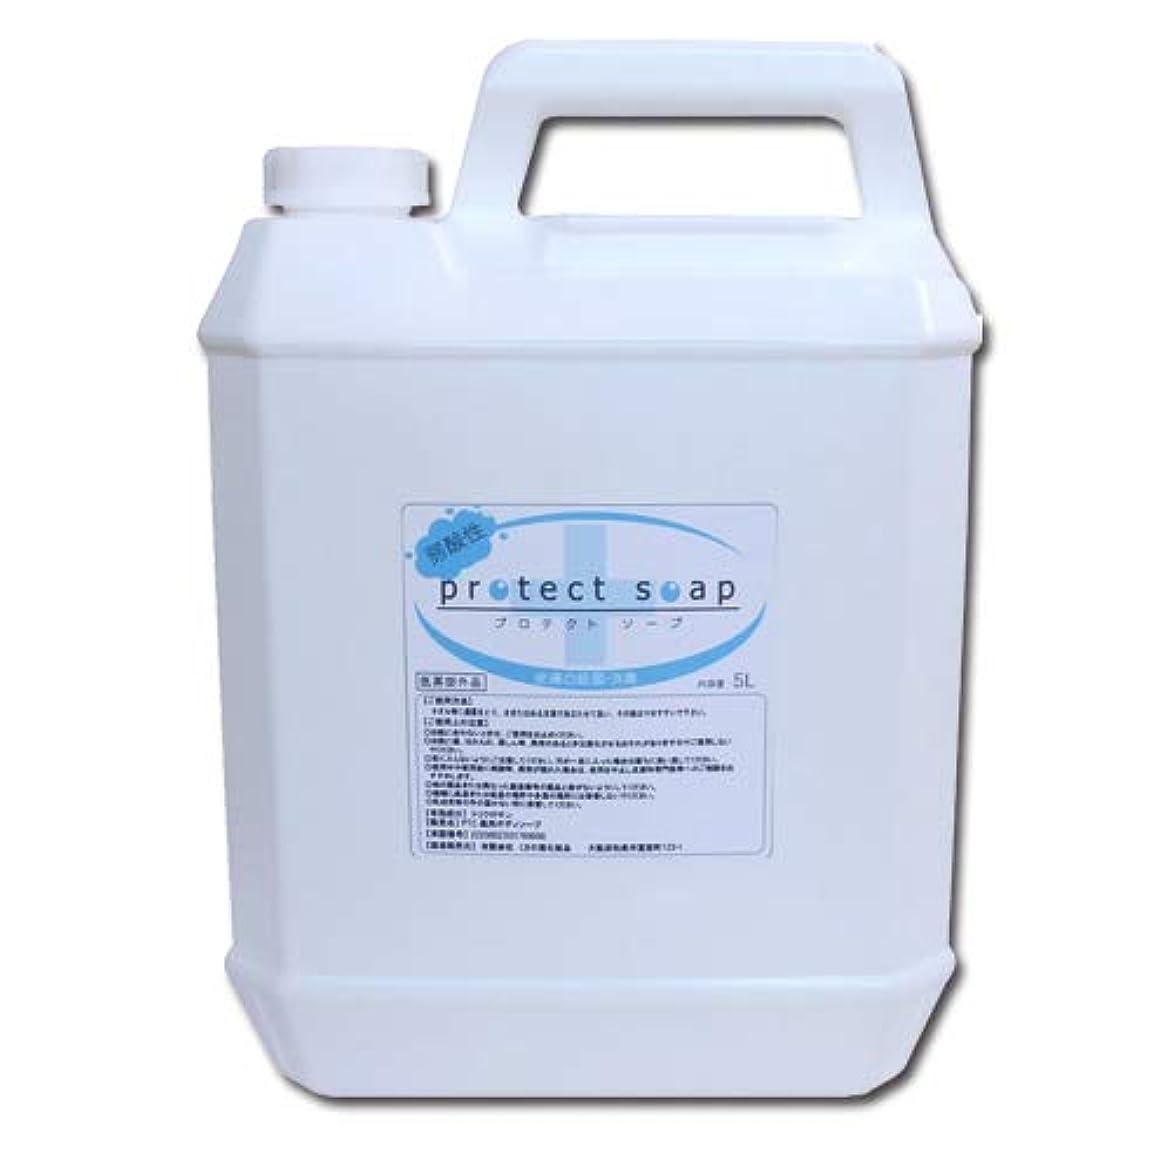 ハイライト二十尋ねる低刺激弱酸性 液体石鹸 プロテクトソープ 5L 業務用│せっけん液 液体せっけん 殺菌?消毒 インフルエンザ?ノロウィルス対策